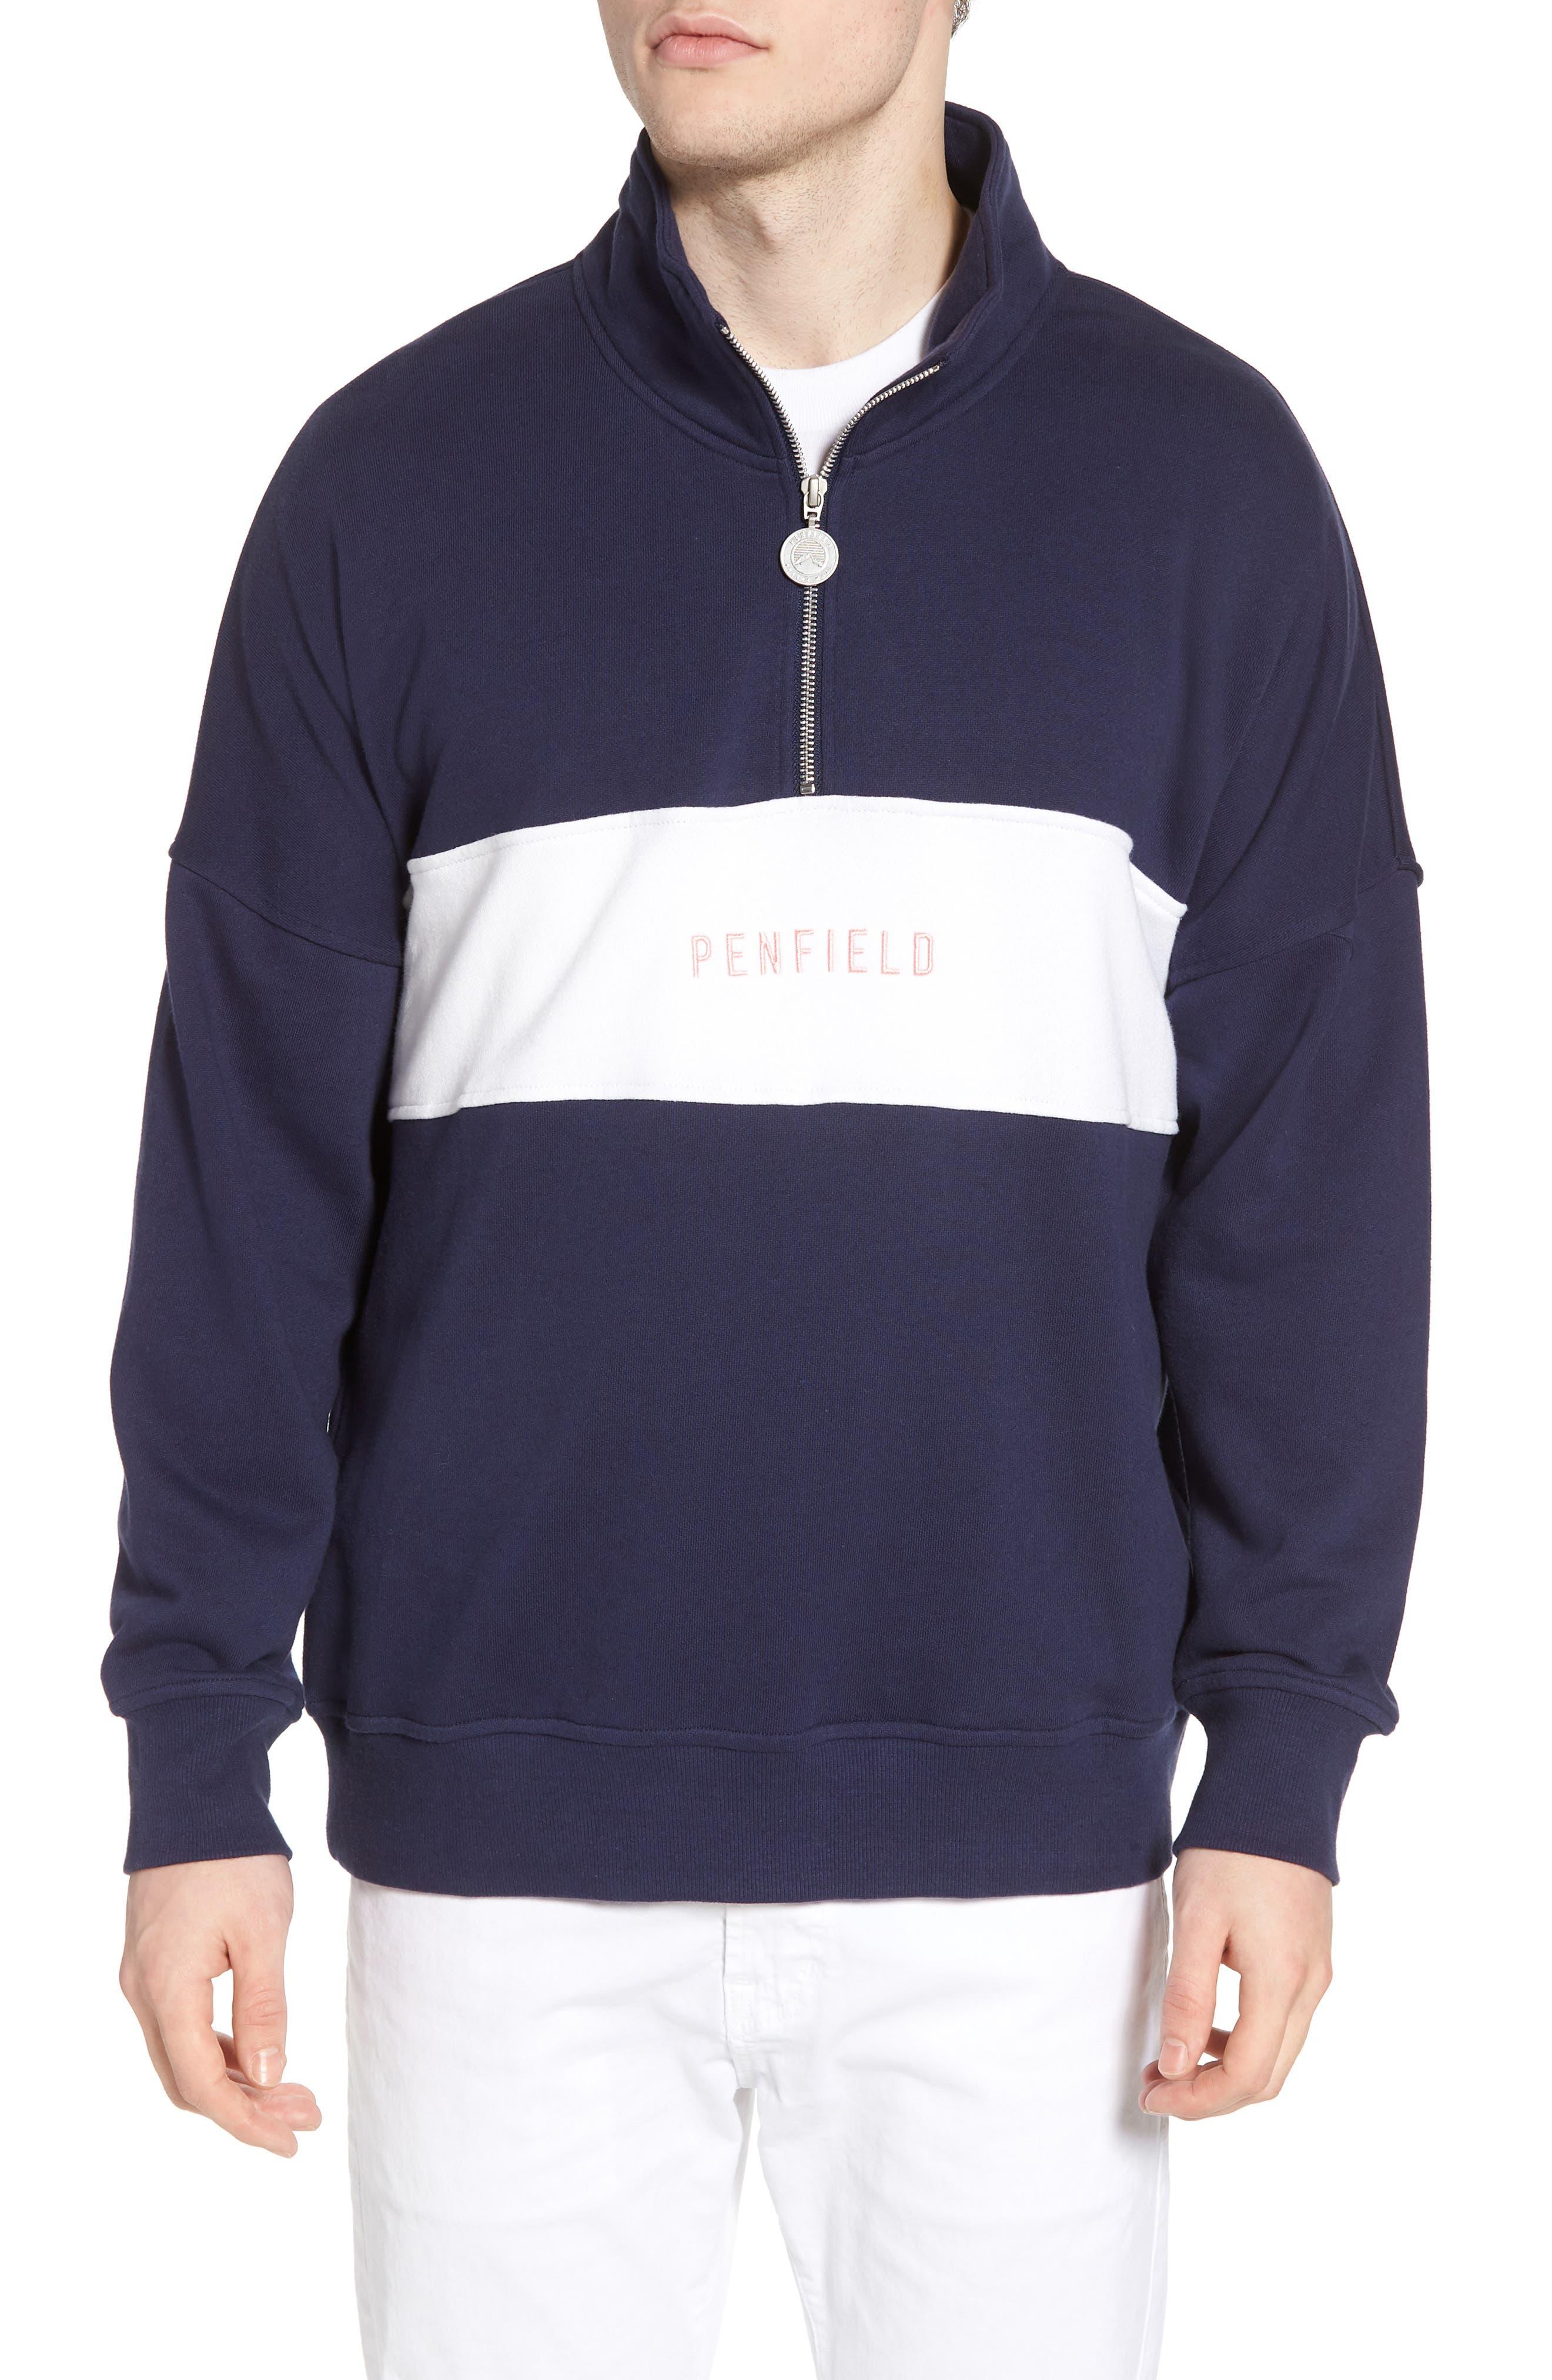 Hosmer Sweatshirt,                             Main thumbnail 1, color,                             400